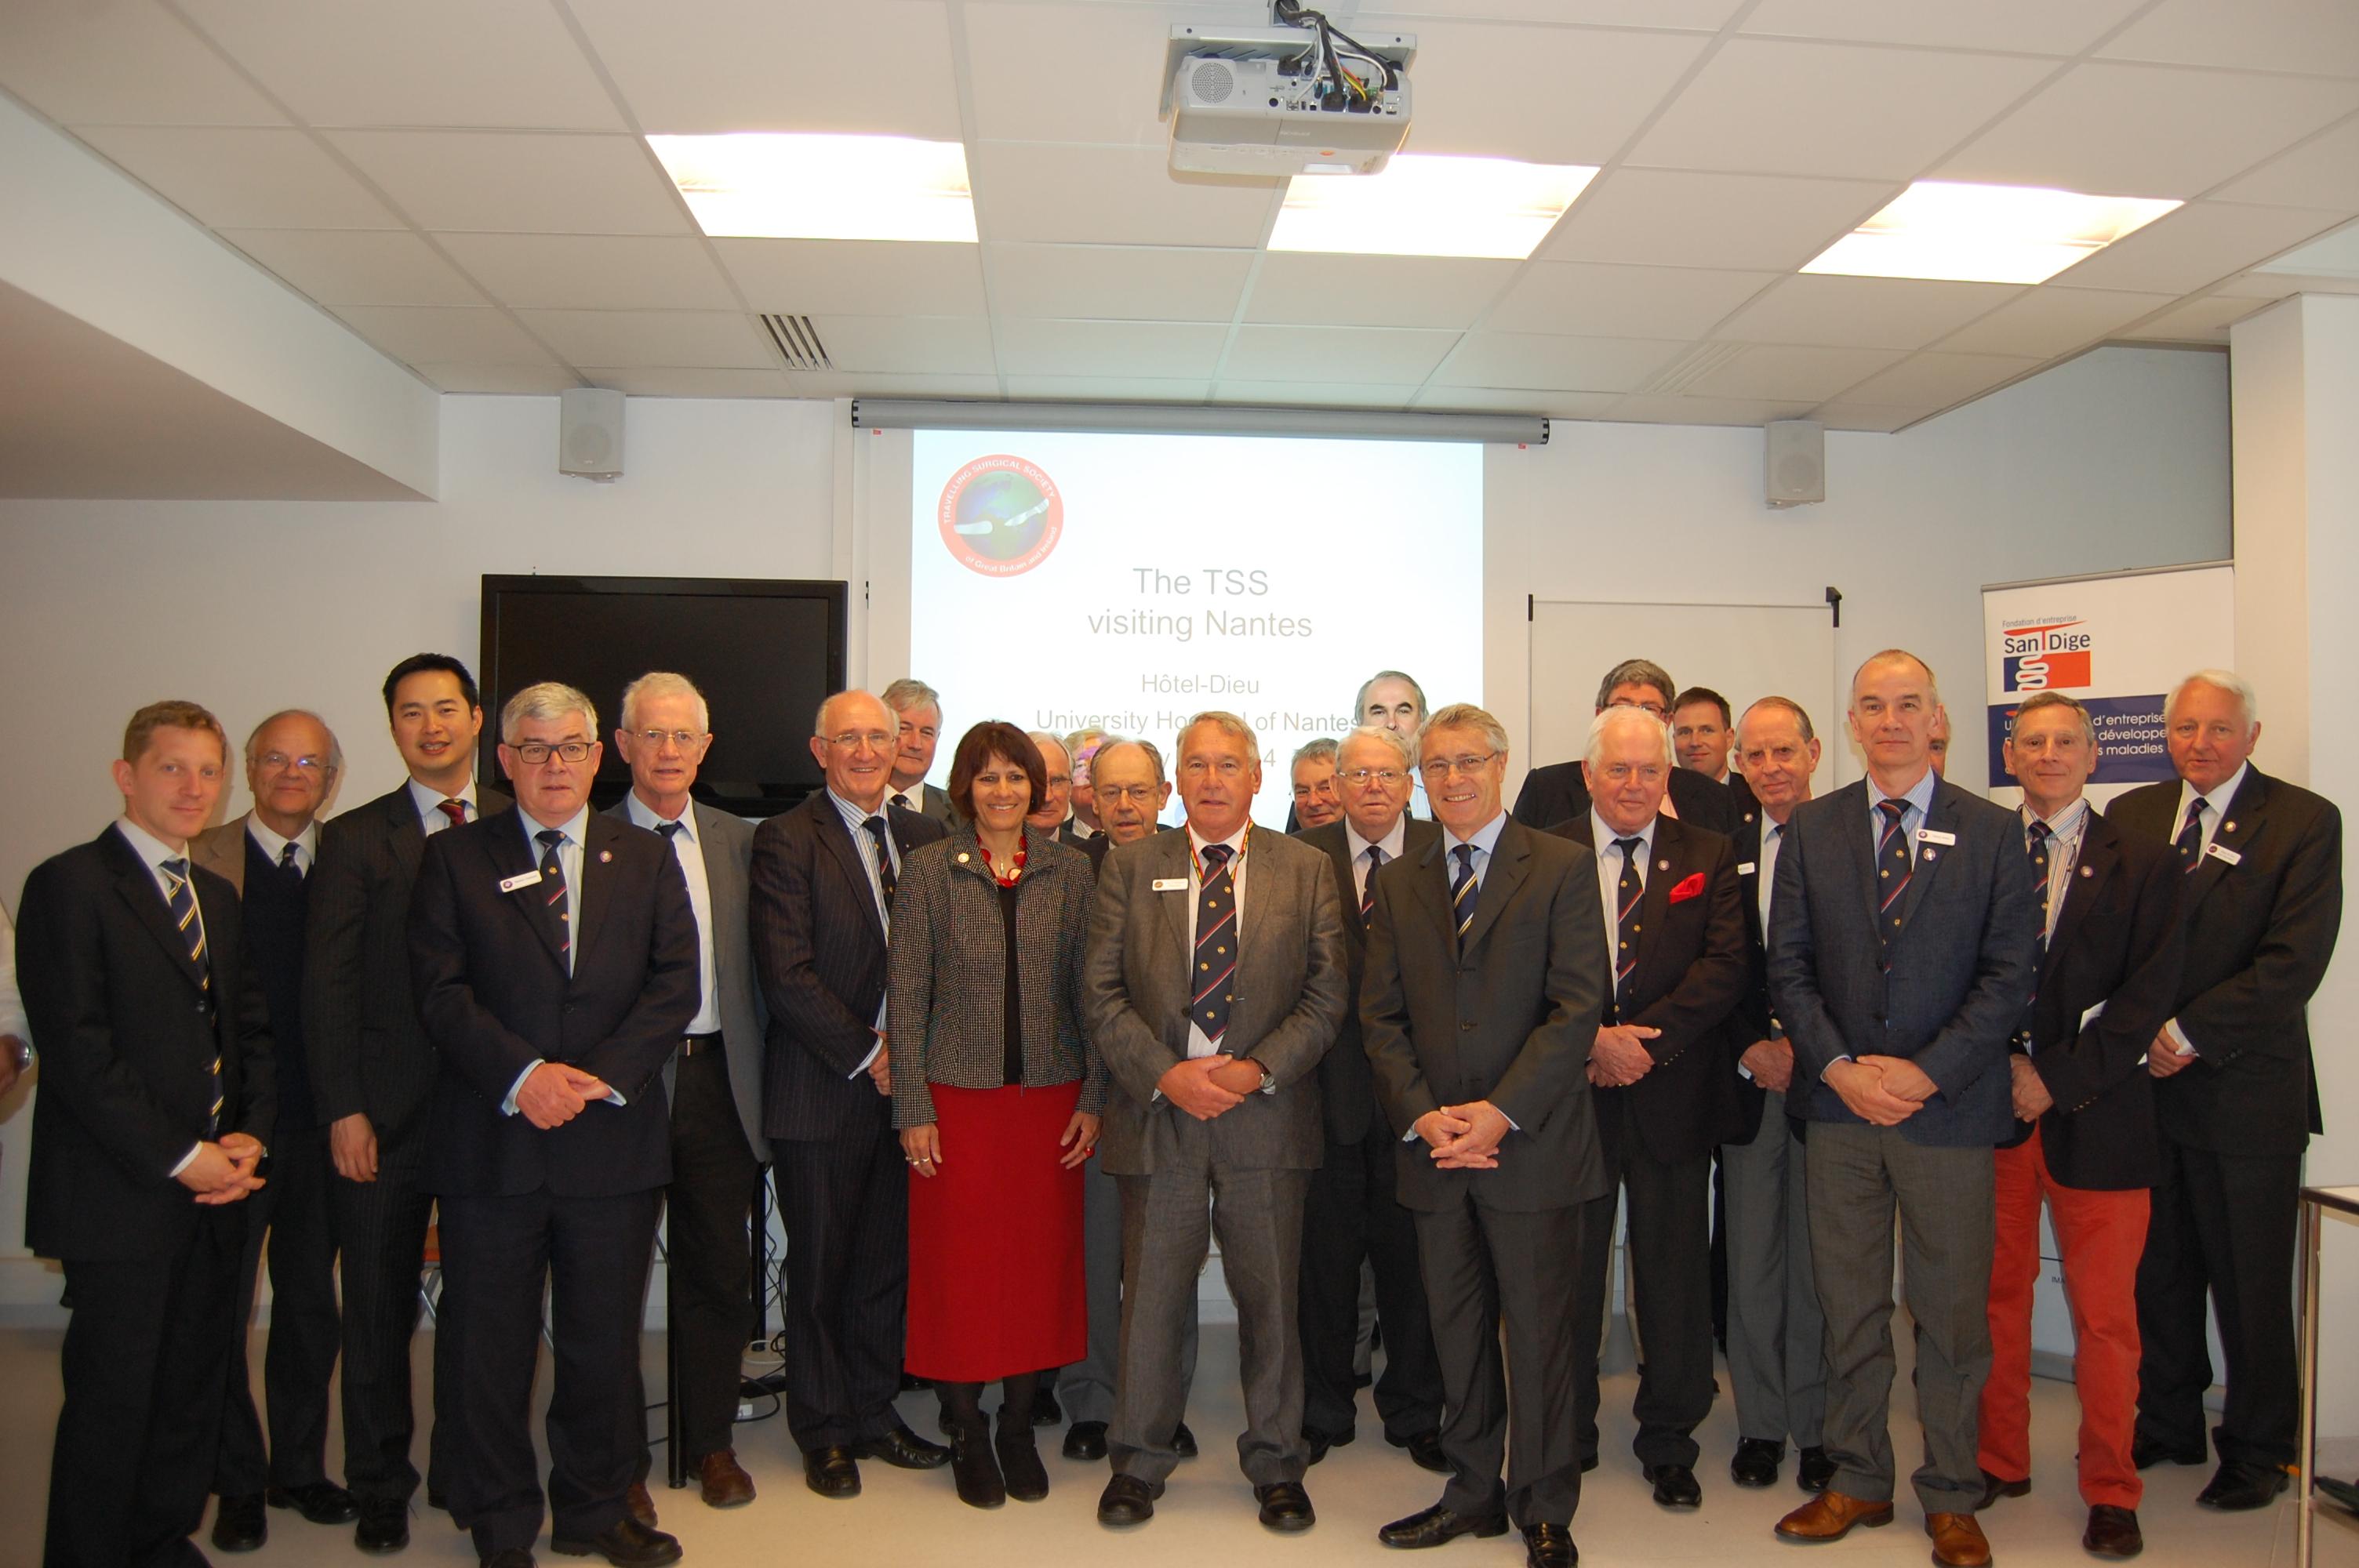 délégation de la Travelling Surgical Society en visite au CHU